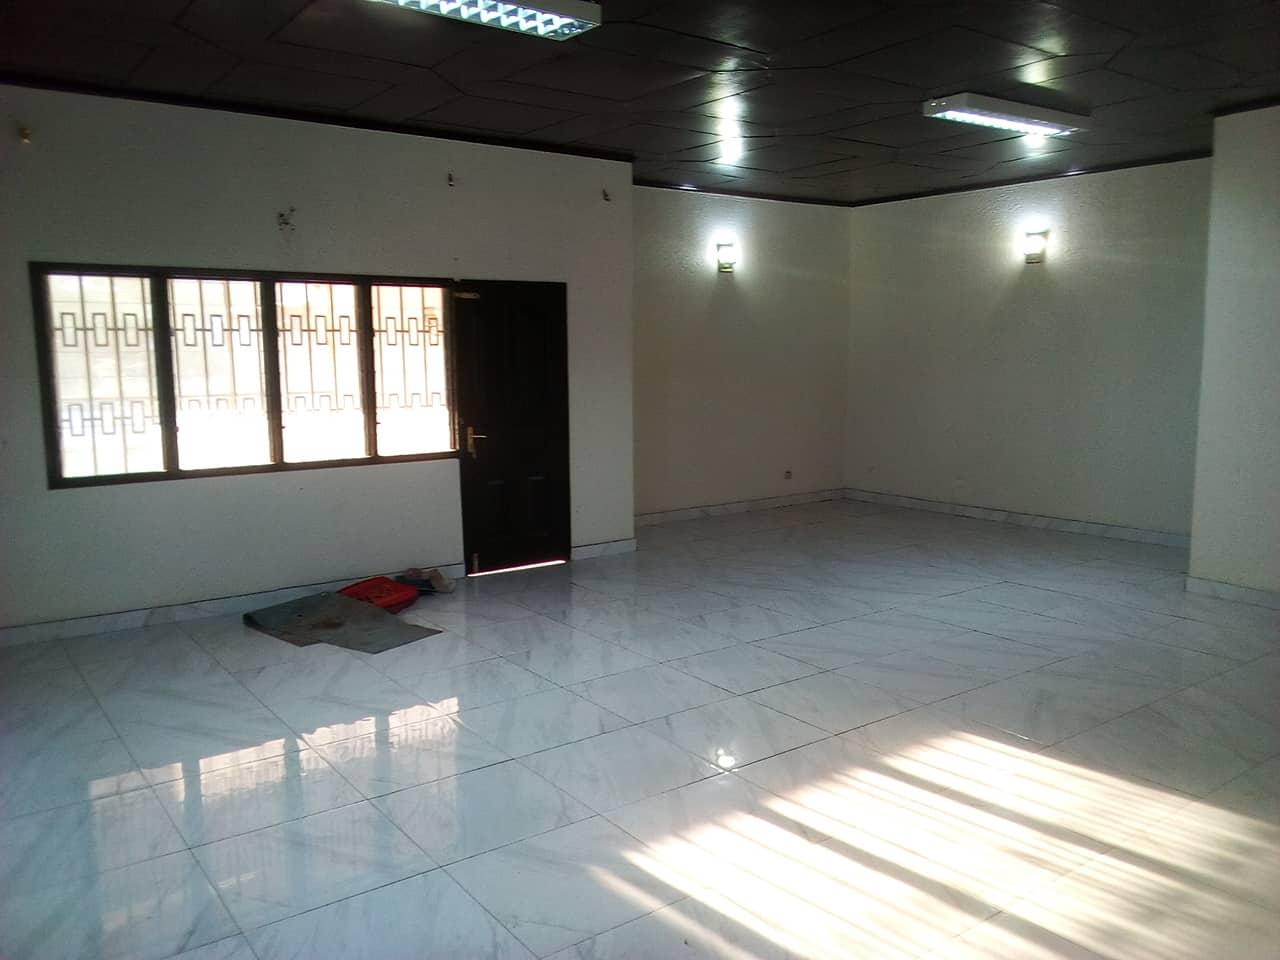 Appartement à louer - Yaoundé, Bastos, pas loin de ART - 1 salon(s), 5 chambre(s), 4 salle(s) de bains - 1 000 000 FCFA / mois